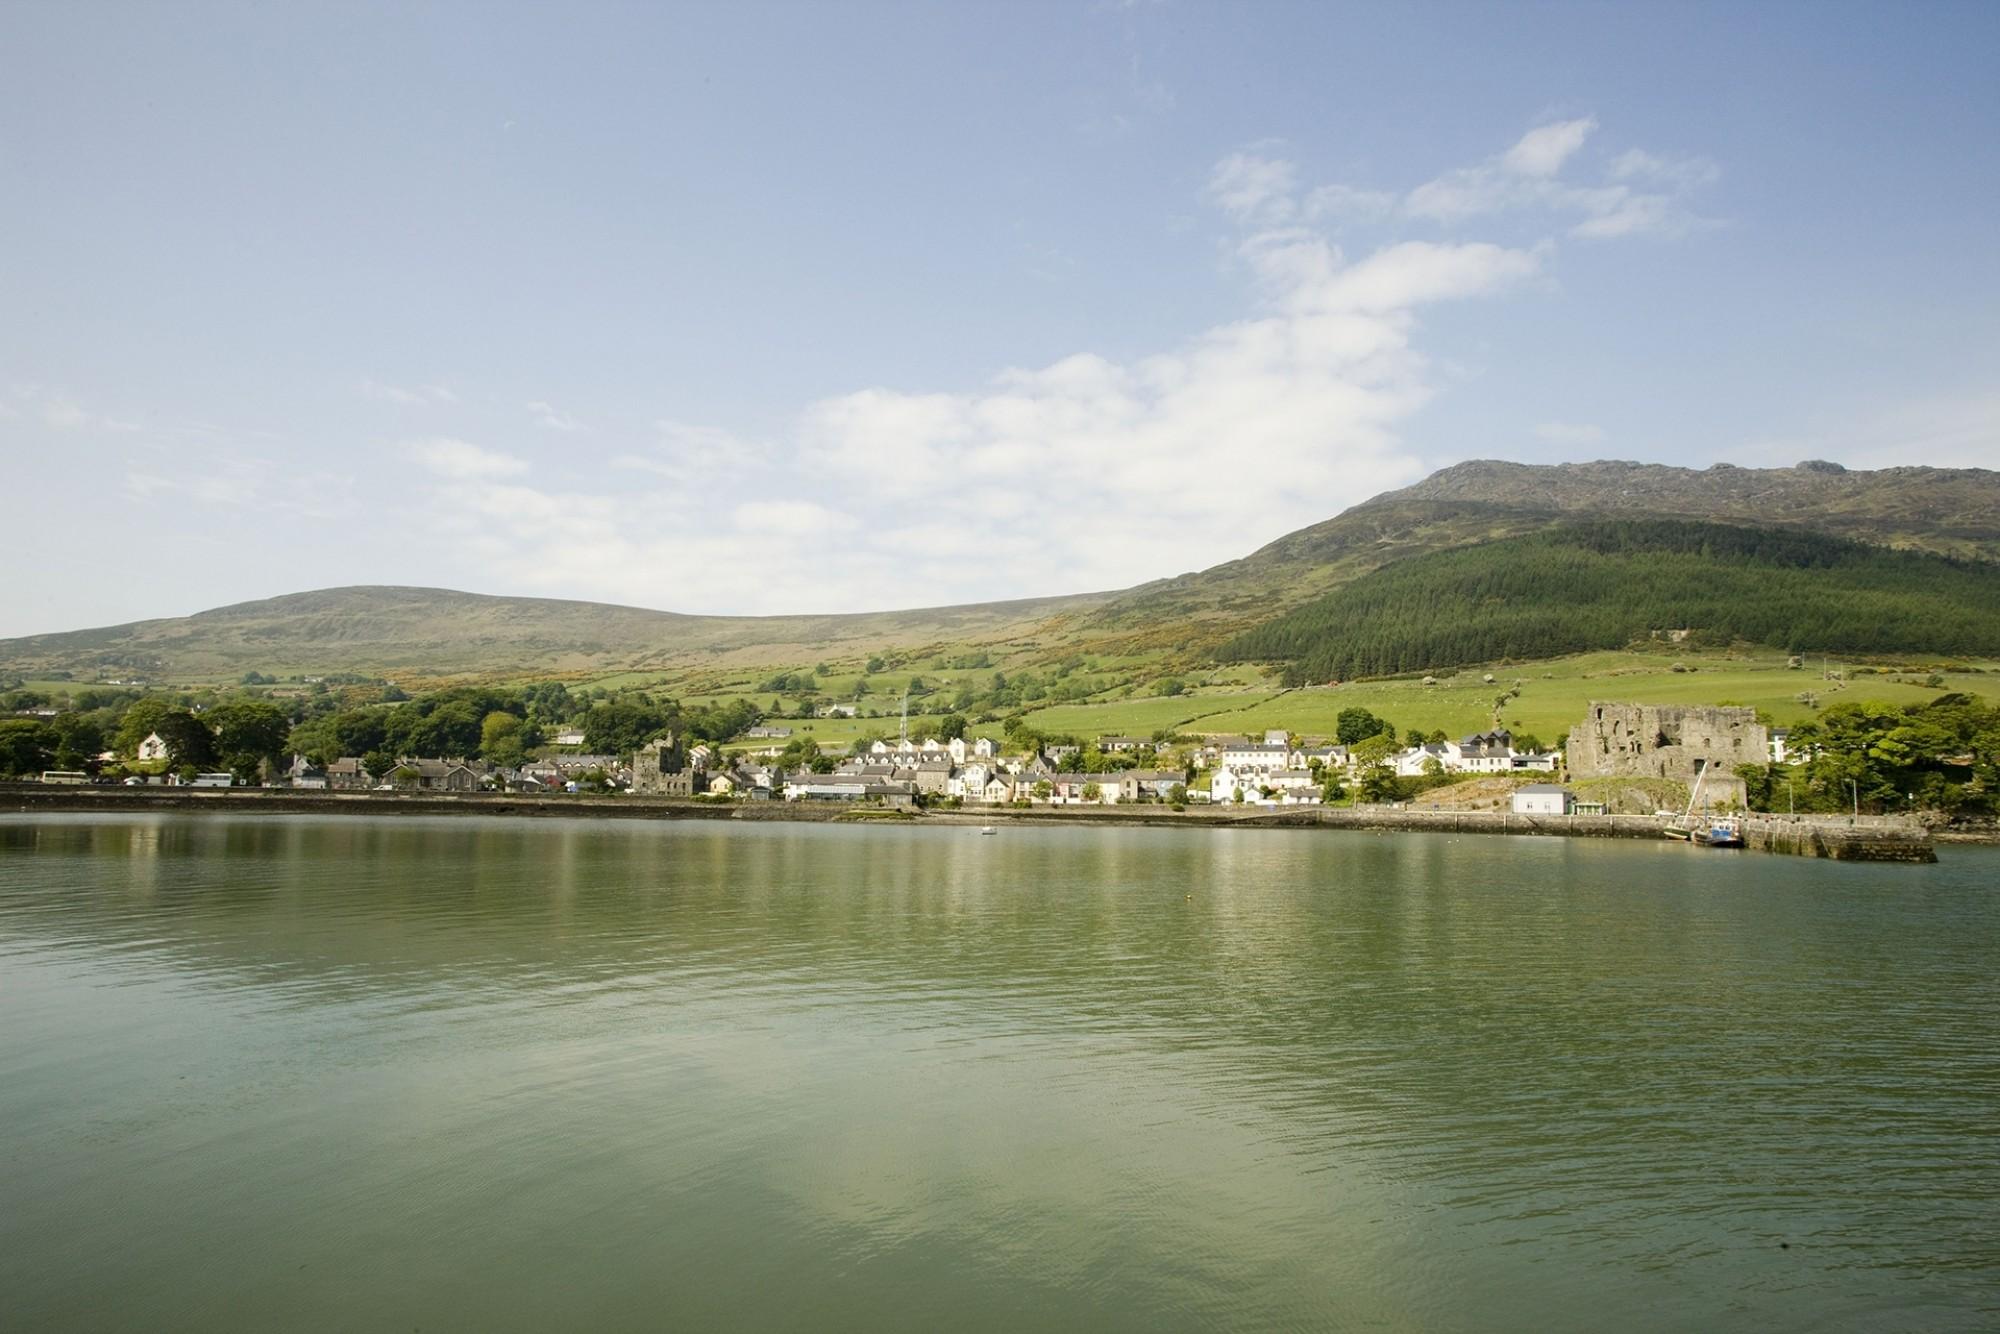 Views around Carlingford Fáilte Ireland